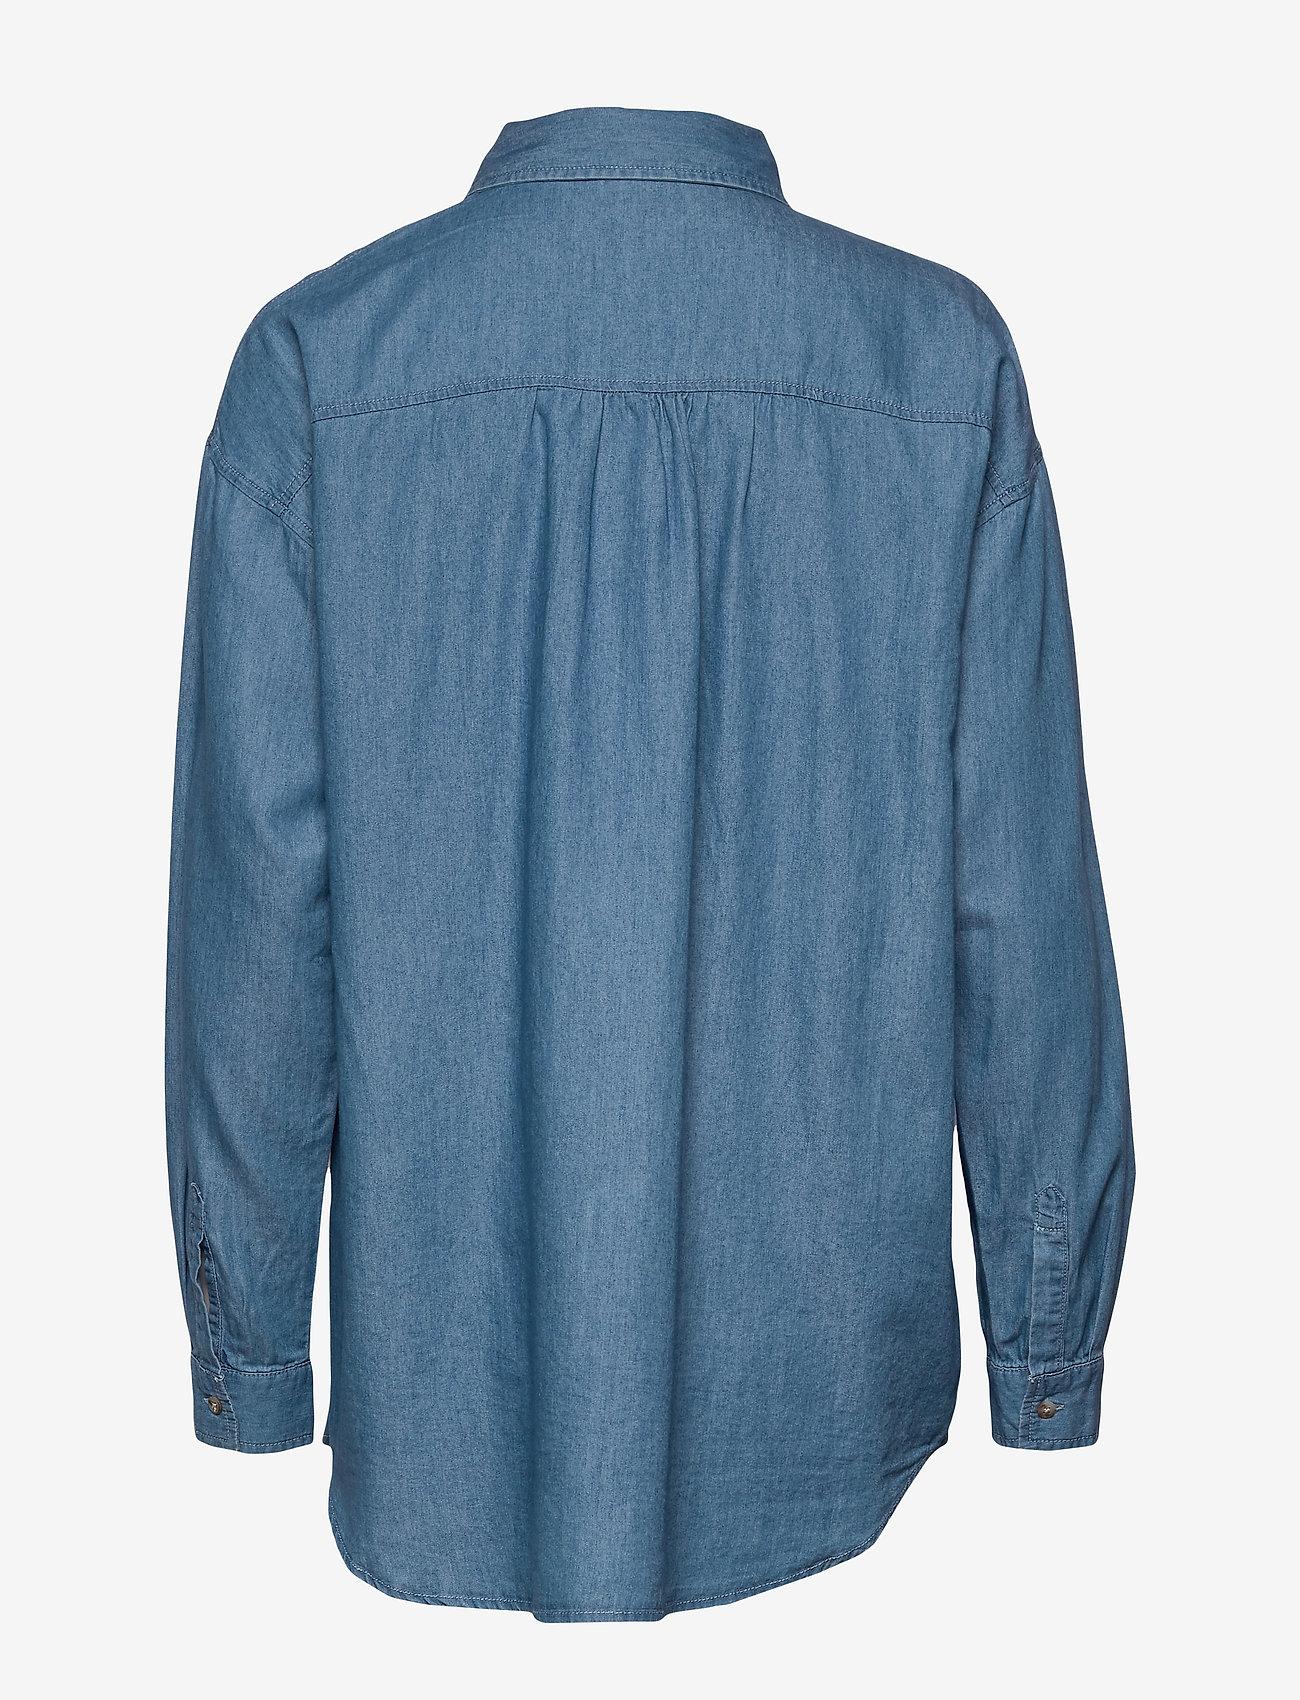 Vila Viflash L/s Shirt - Chemisier & Chemises Medium Blue Denim